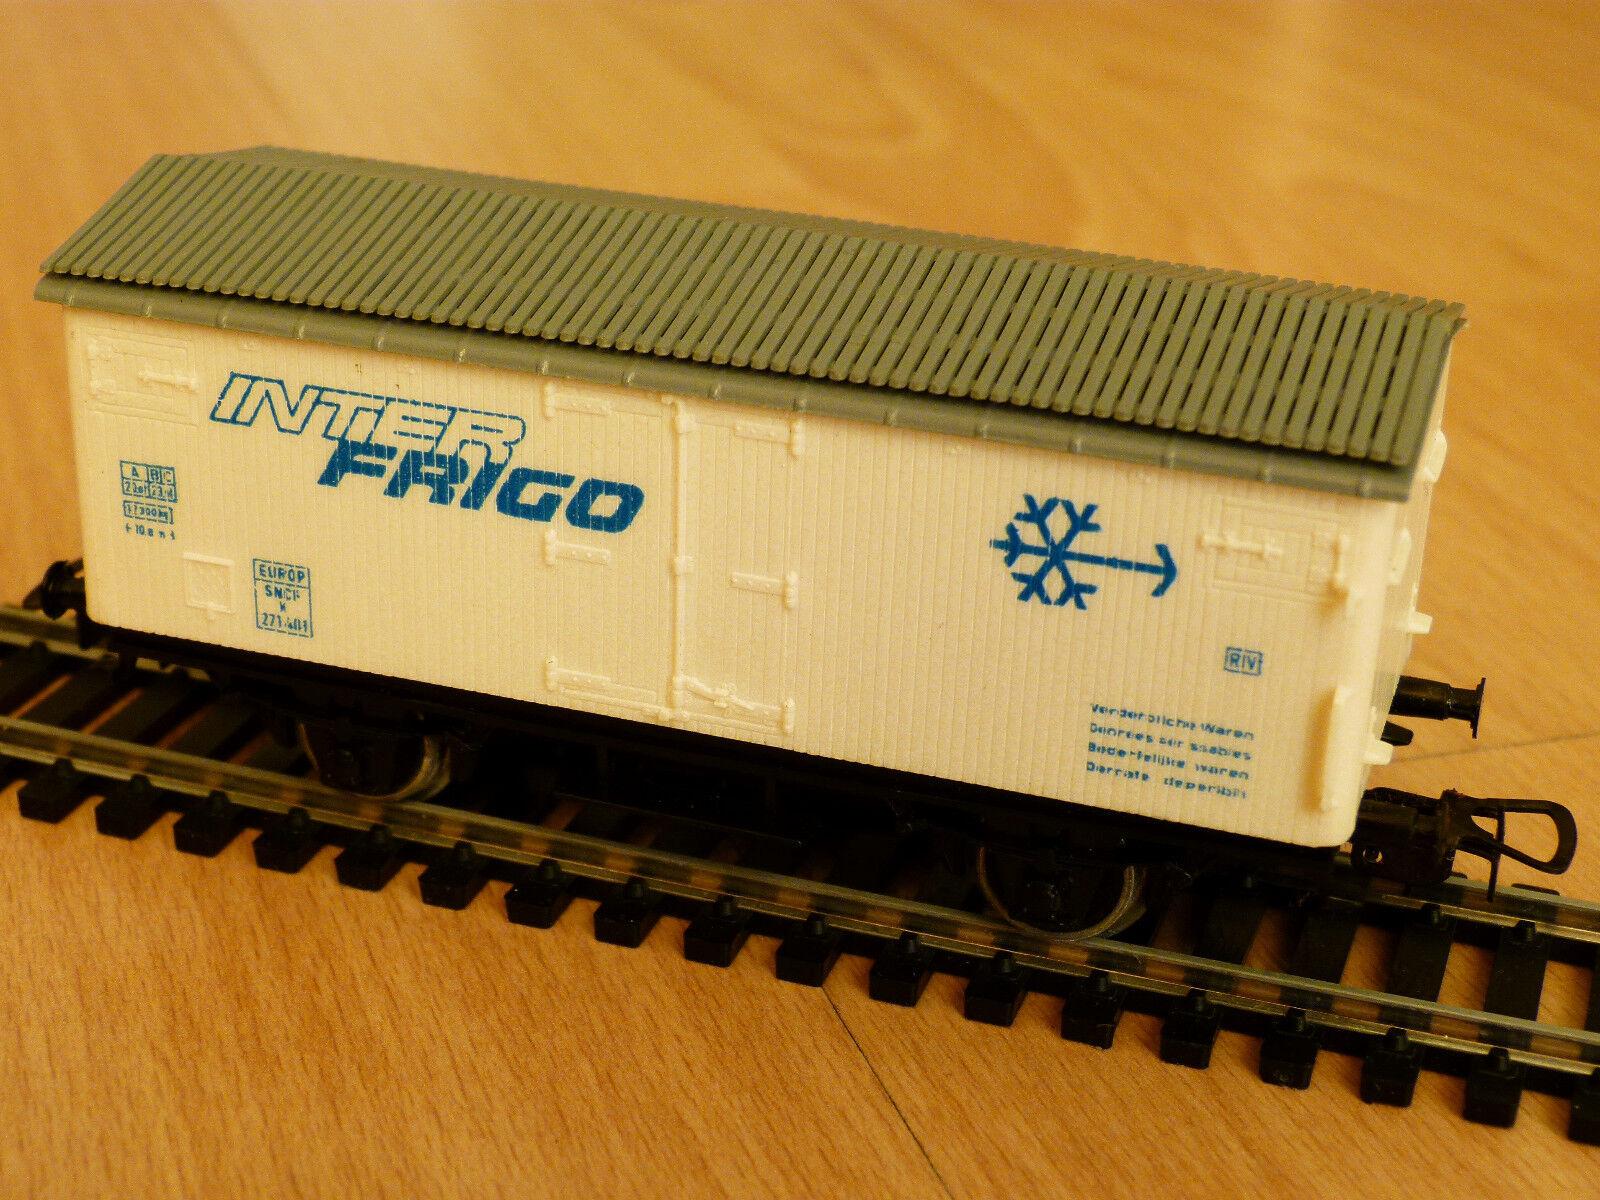 trova il tuo preferito qui Piko Piko Piko H0 Refrigerator Wagon DR Freight auto  ecco l'ultimo